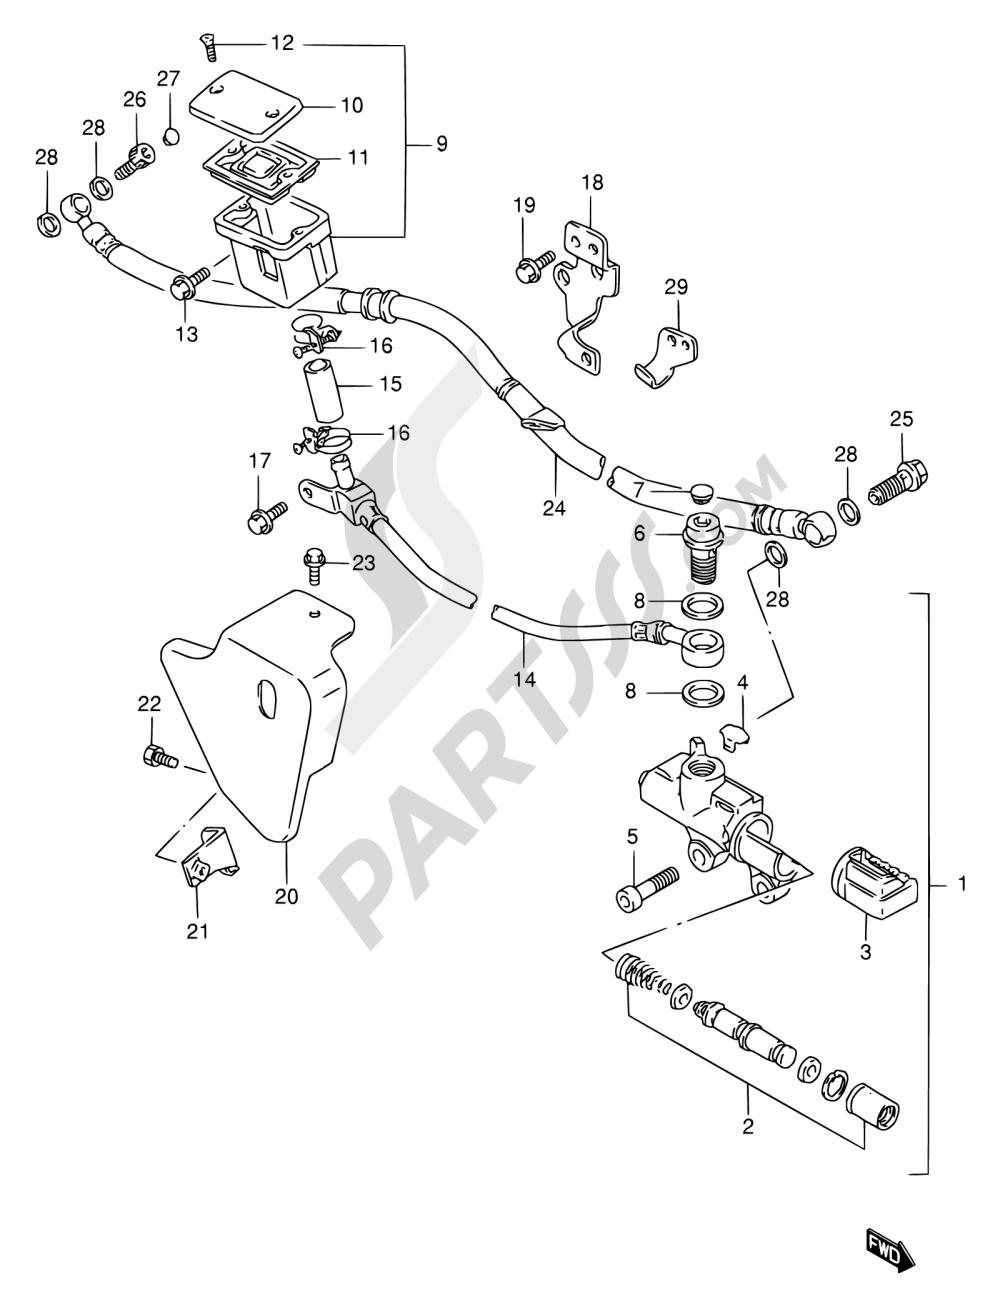 56 - REAR MASTER CYLINDER Suzuki VS1400GLP 2000